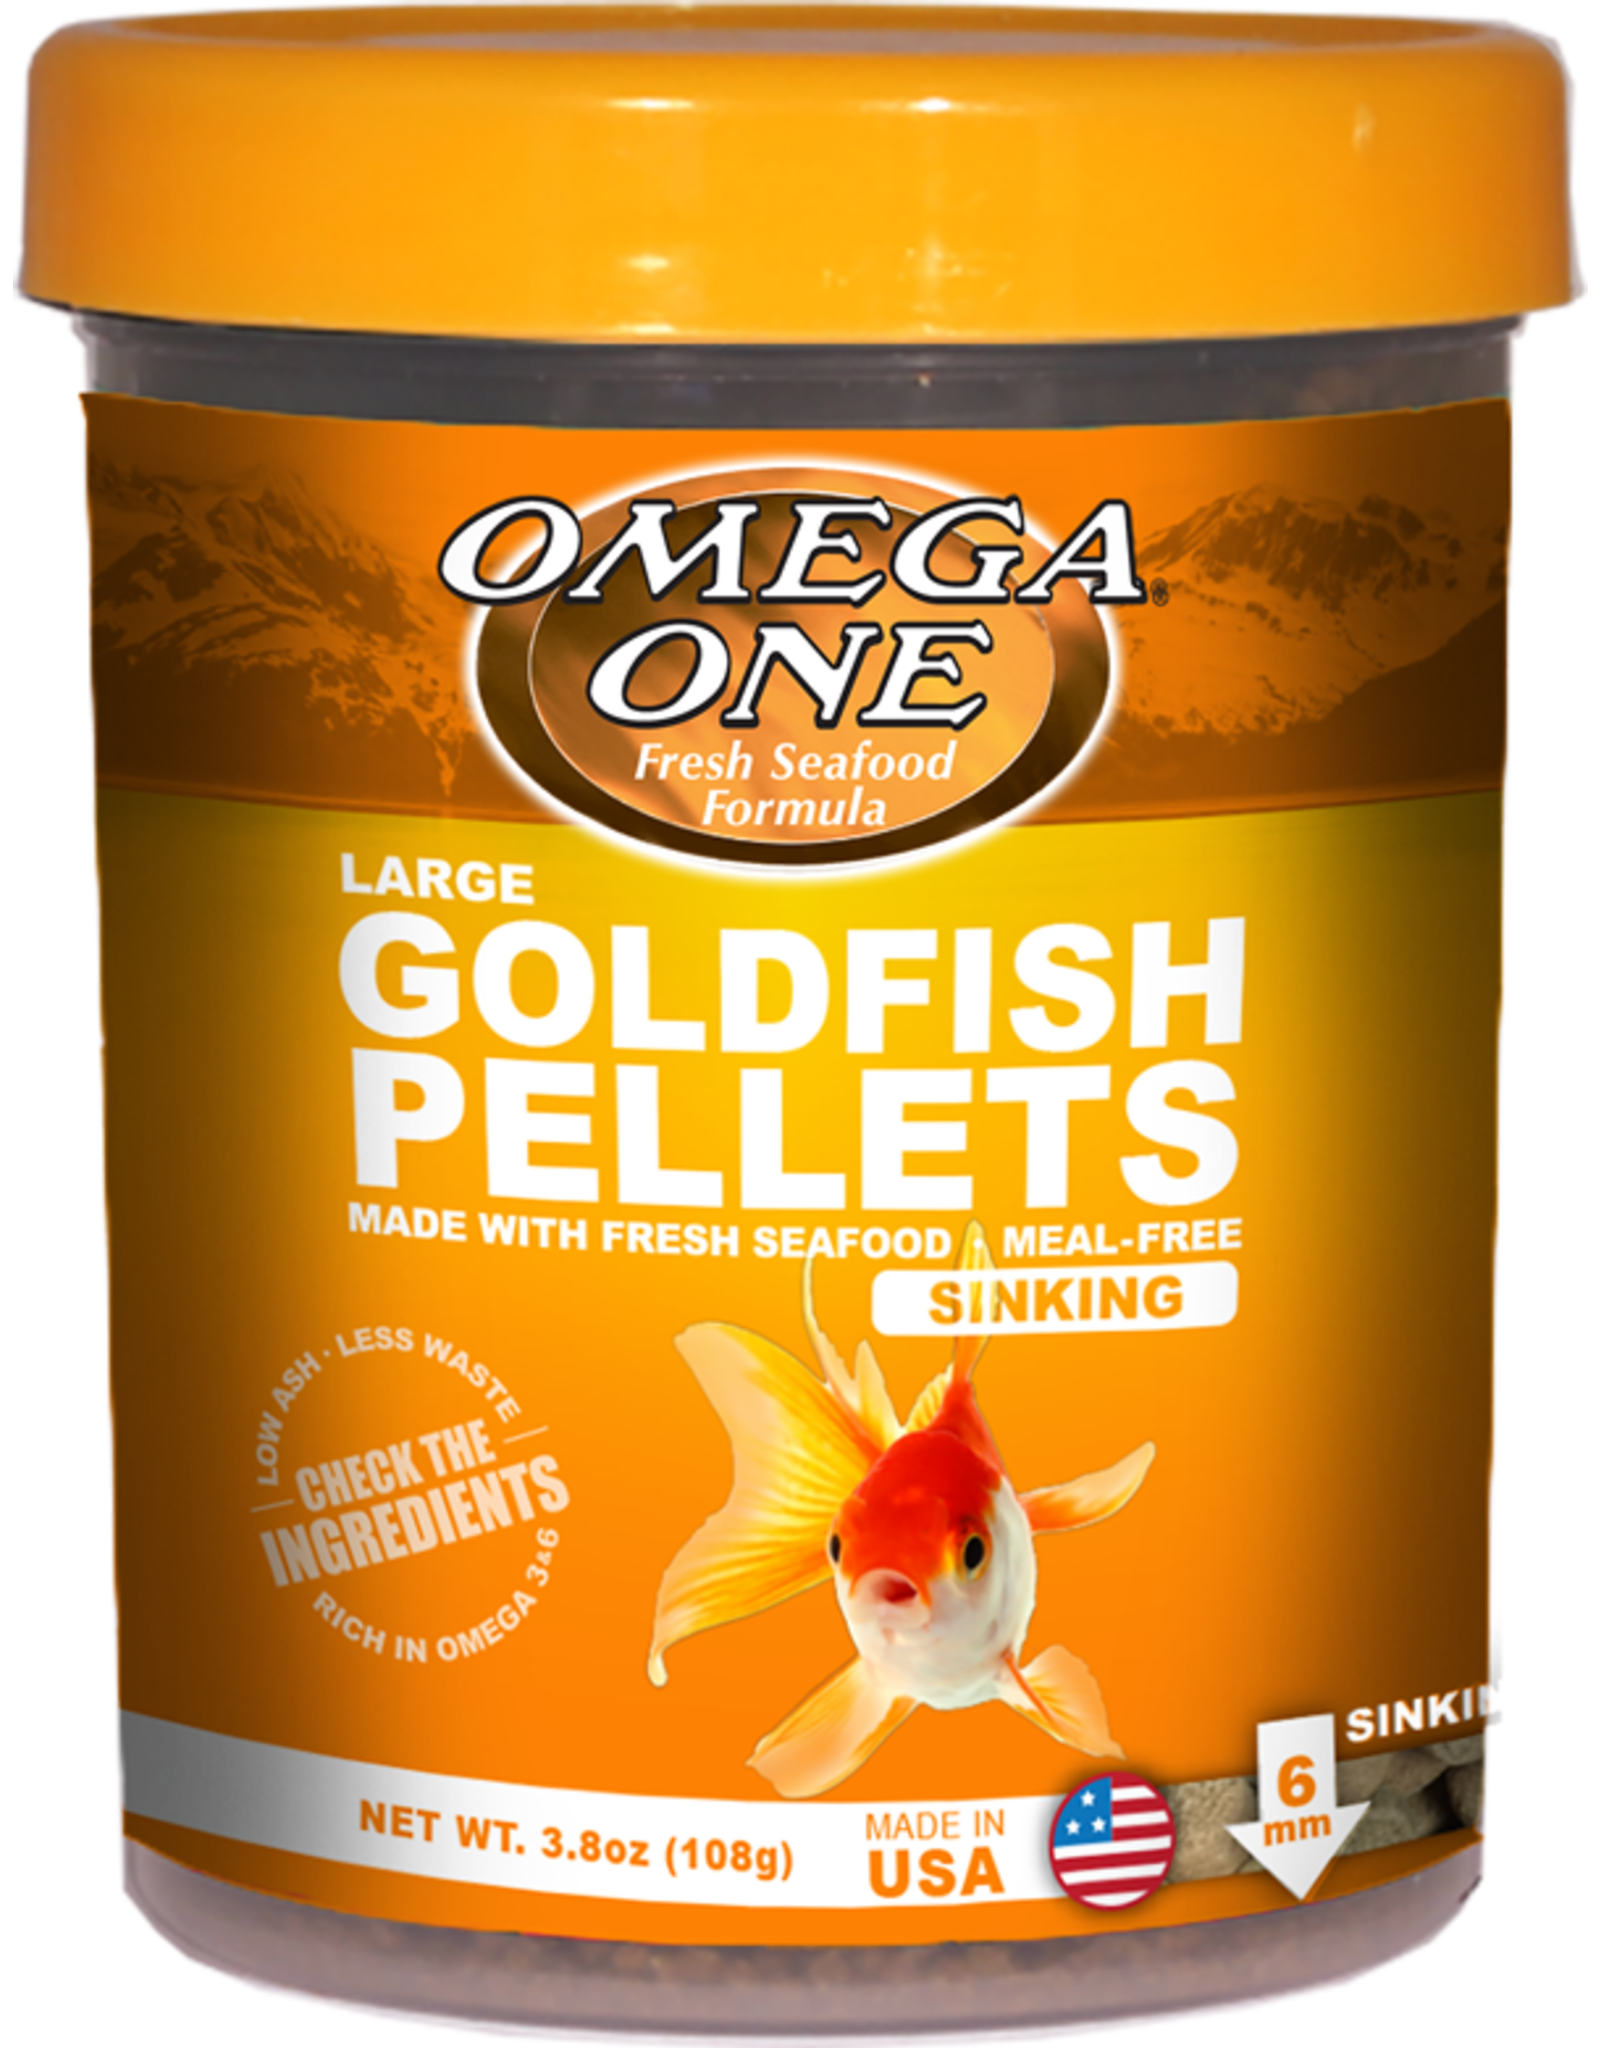 Omega One Food OMEGA ONE Goldfish Pellets Large